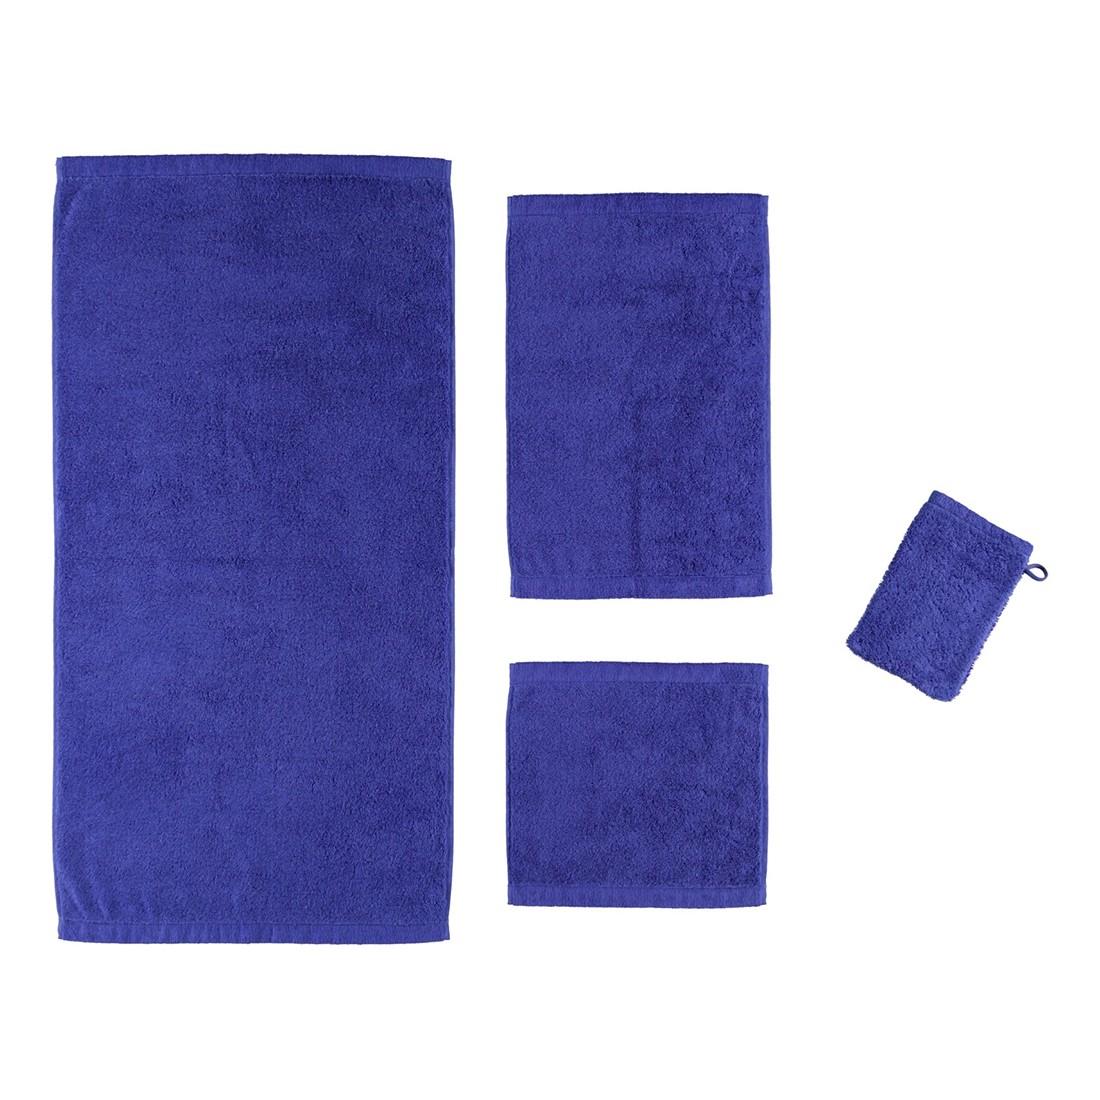 Handtuch Life Style Uni 7007 – 100% Baumwolle Saphir – 197 – Gästetuch: 30 x 50 cm, Cawö günstig kaufen